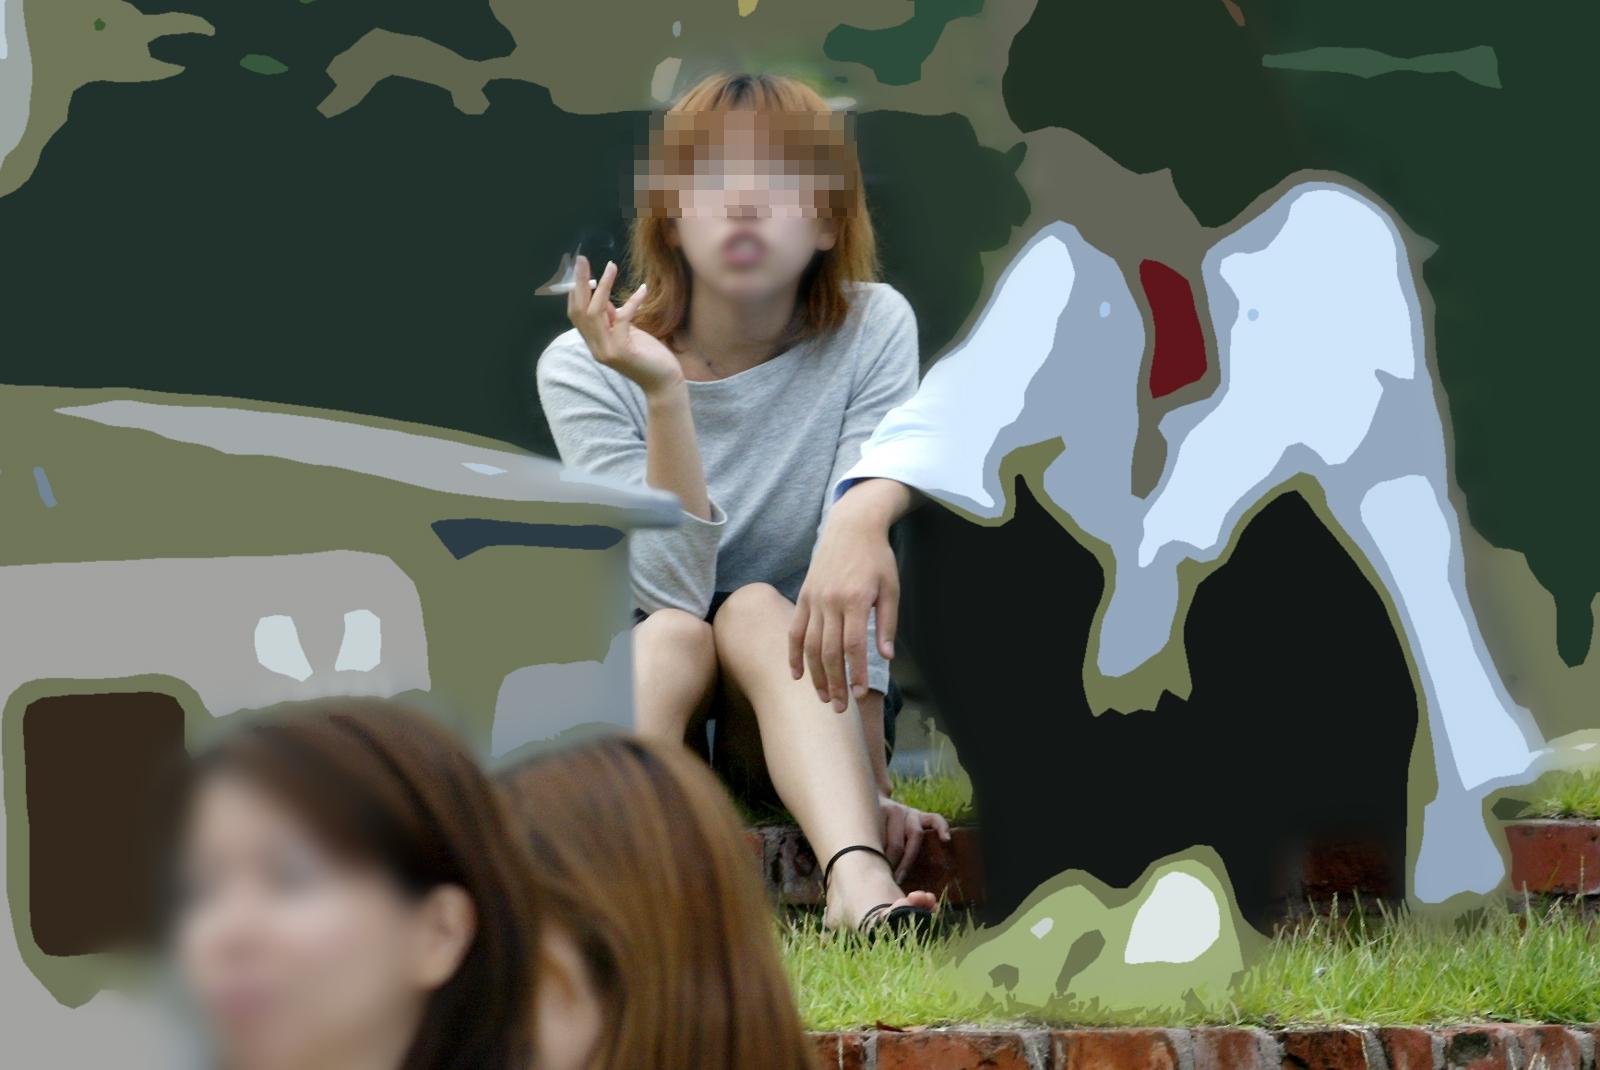 【パンチラエロ画像】彼女のが見えてたら隠しましょうw屋外の座りチラ女子www 14